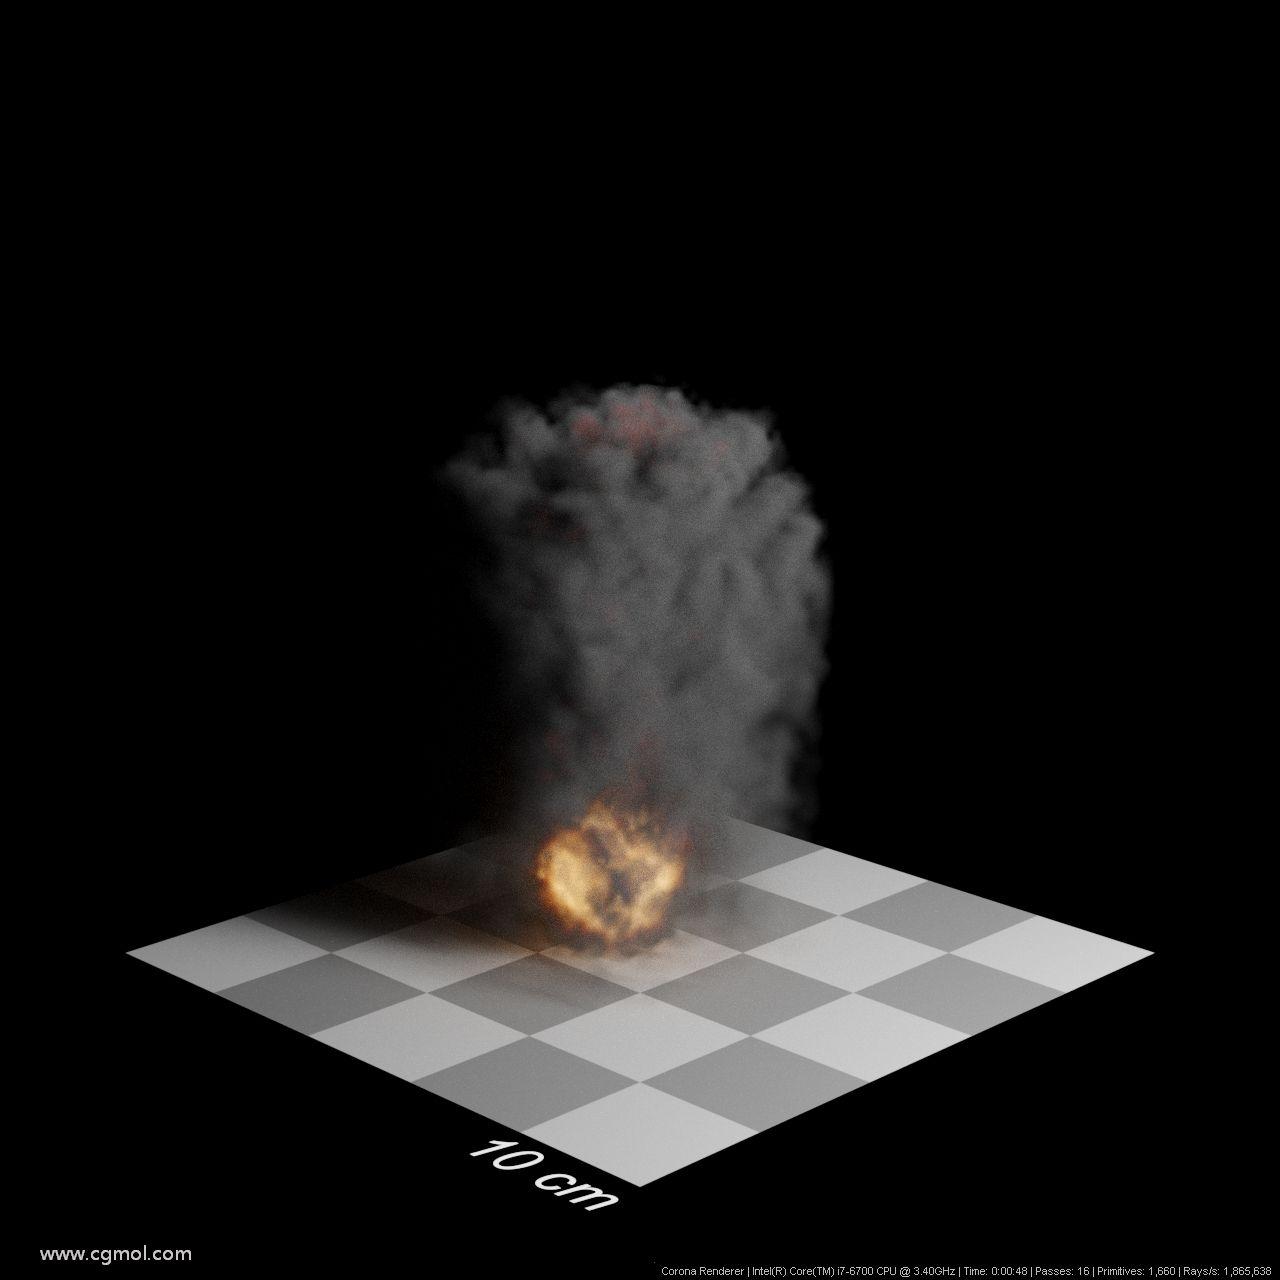 步长5厘米。渲染时间48秒。烟雾越来越薄,可见的细节越来越少